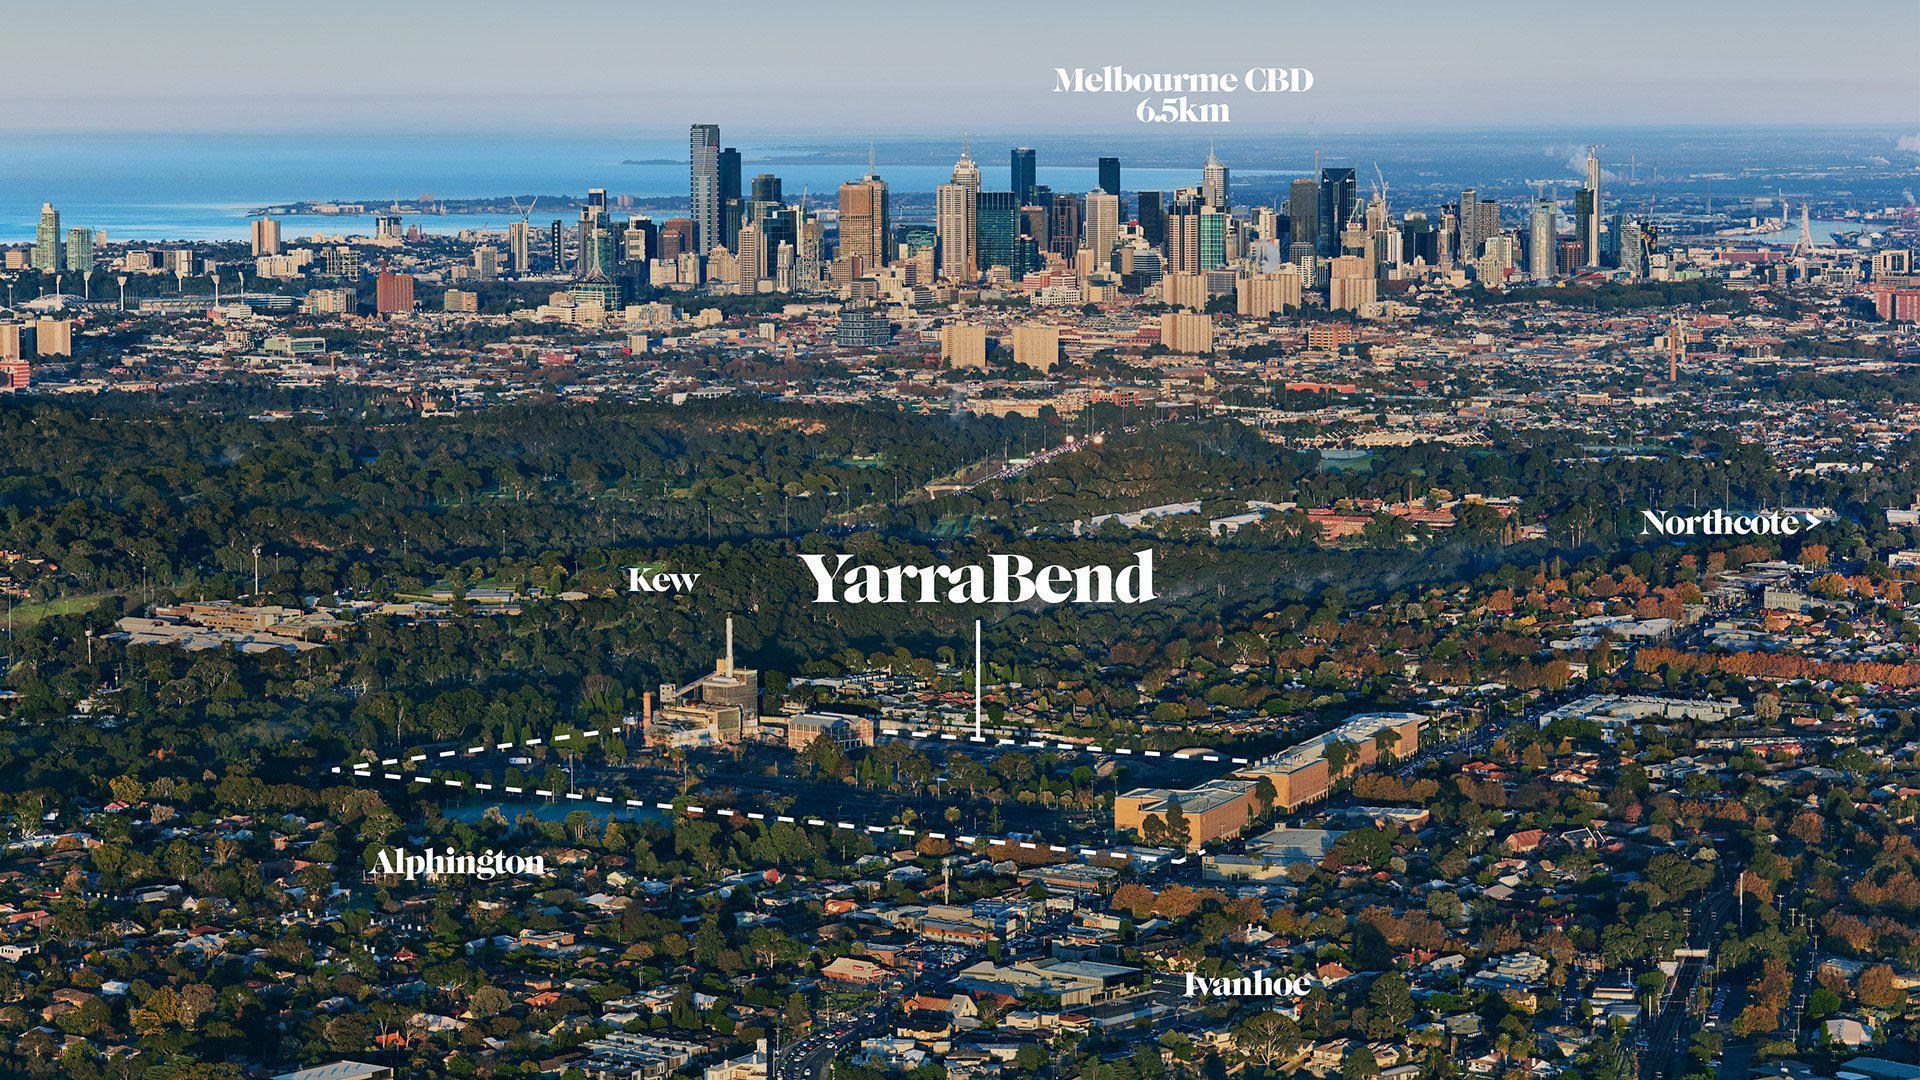 YarraBend_Homepage_Hero_Aerial_1920x1080_R4-1